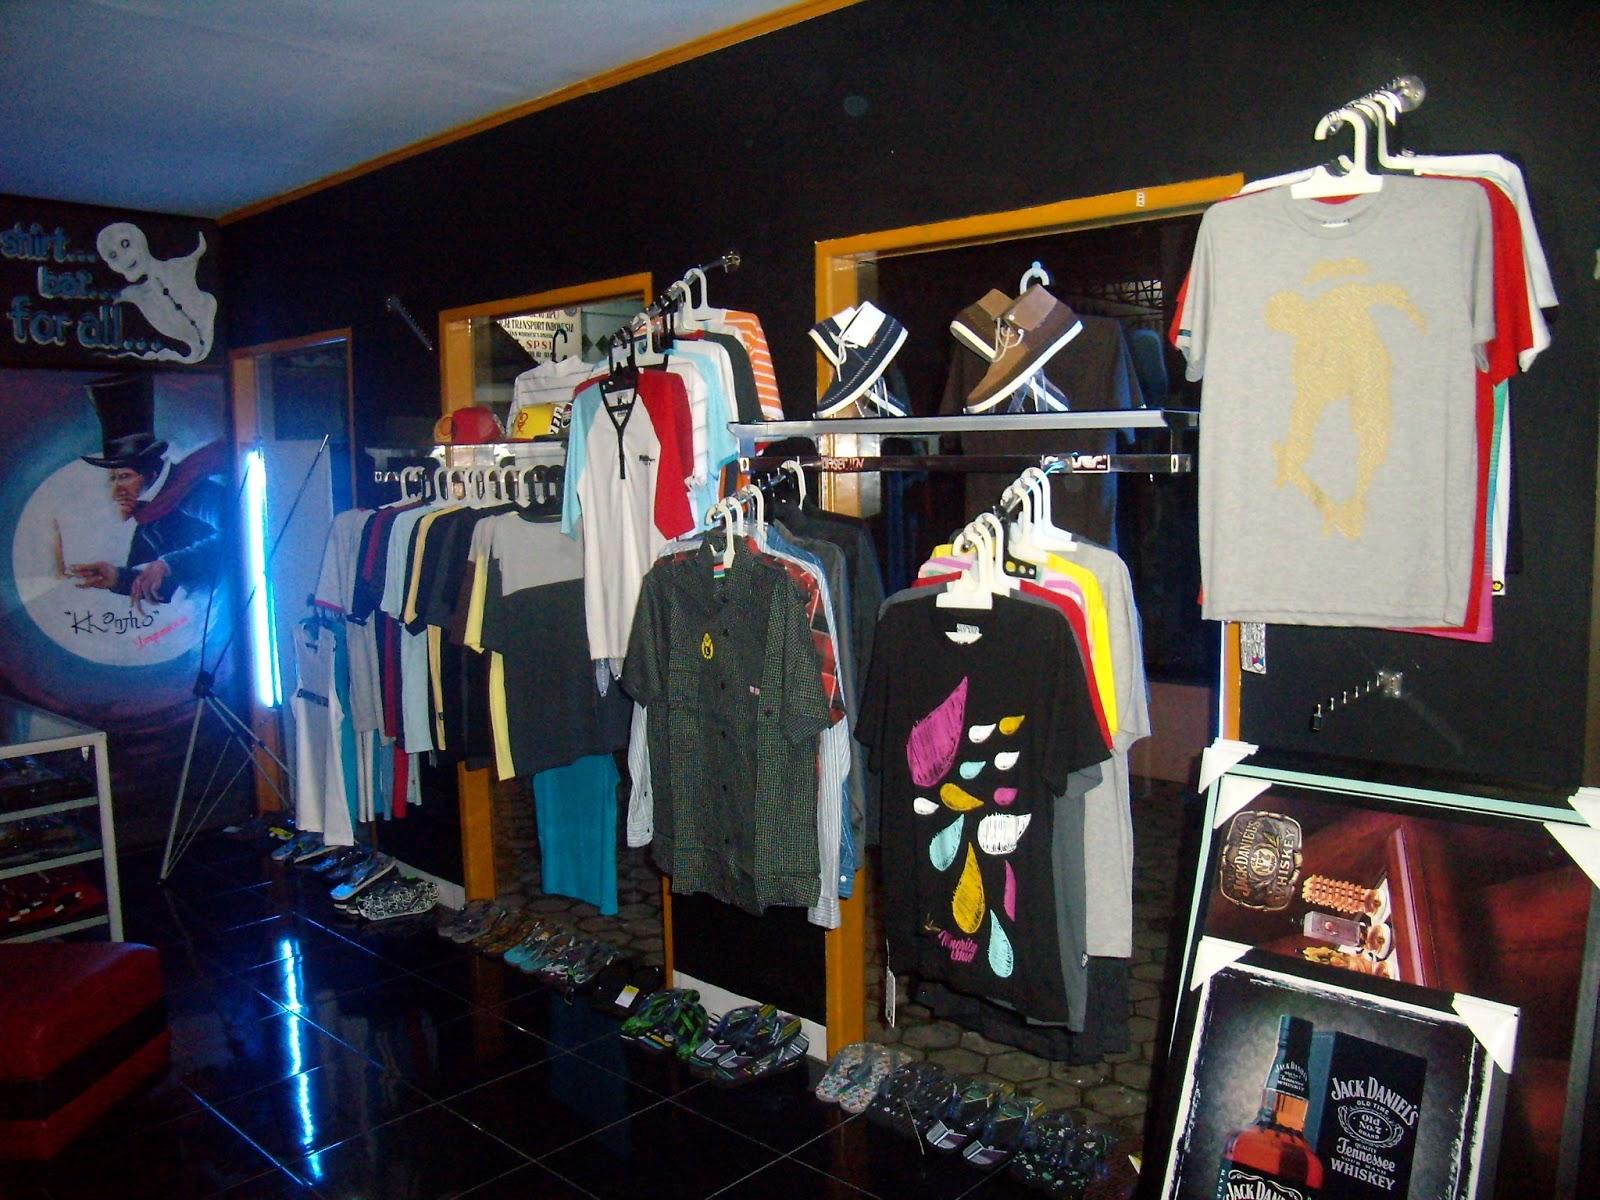 Grosir Kaos Distro Parahyangan Bandung Mengenal Nama Toko Distro Parahyangan Bandung yang Berkualitas